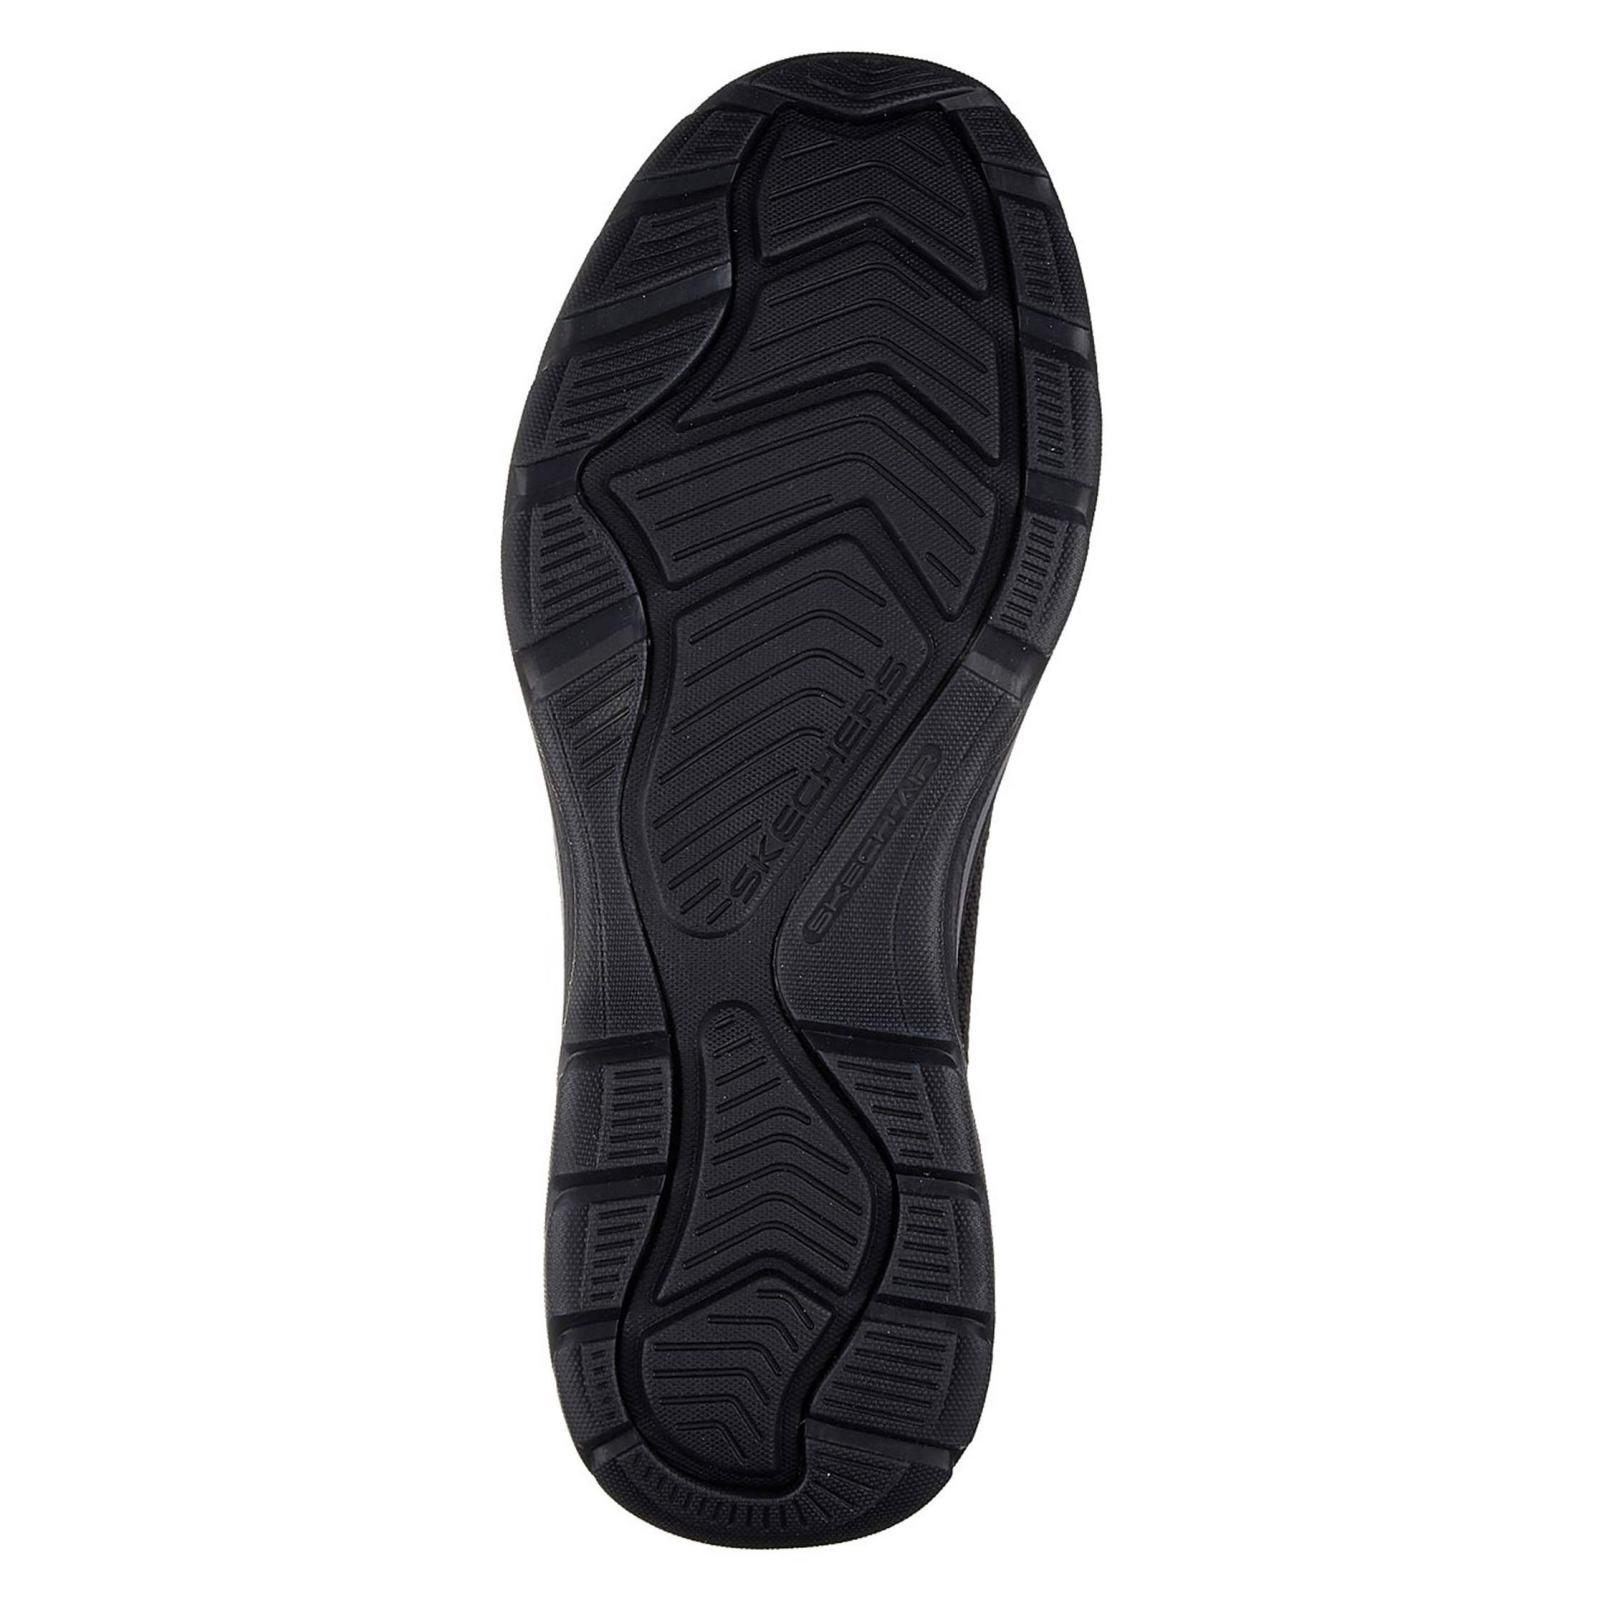 کفش راحتی پارچه ای مردانه Skech-Air Elment Vengo - اسکچرز - مشکي - 3